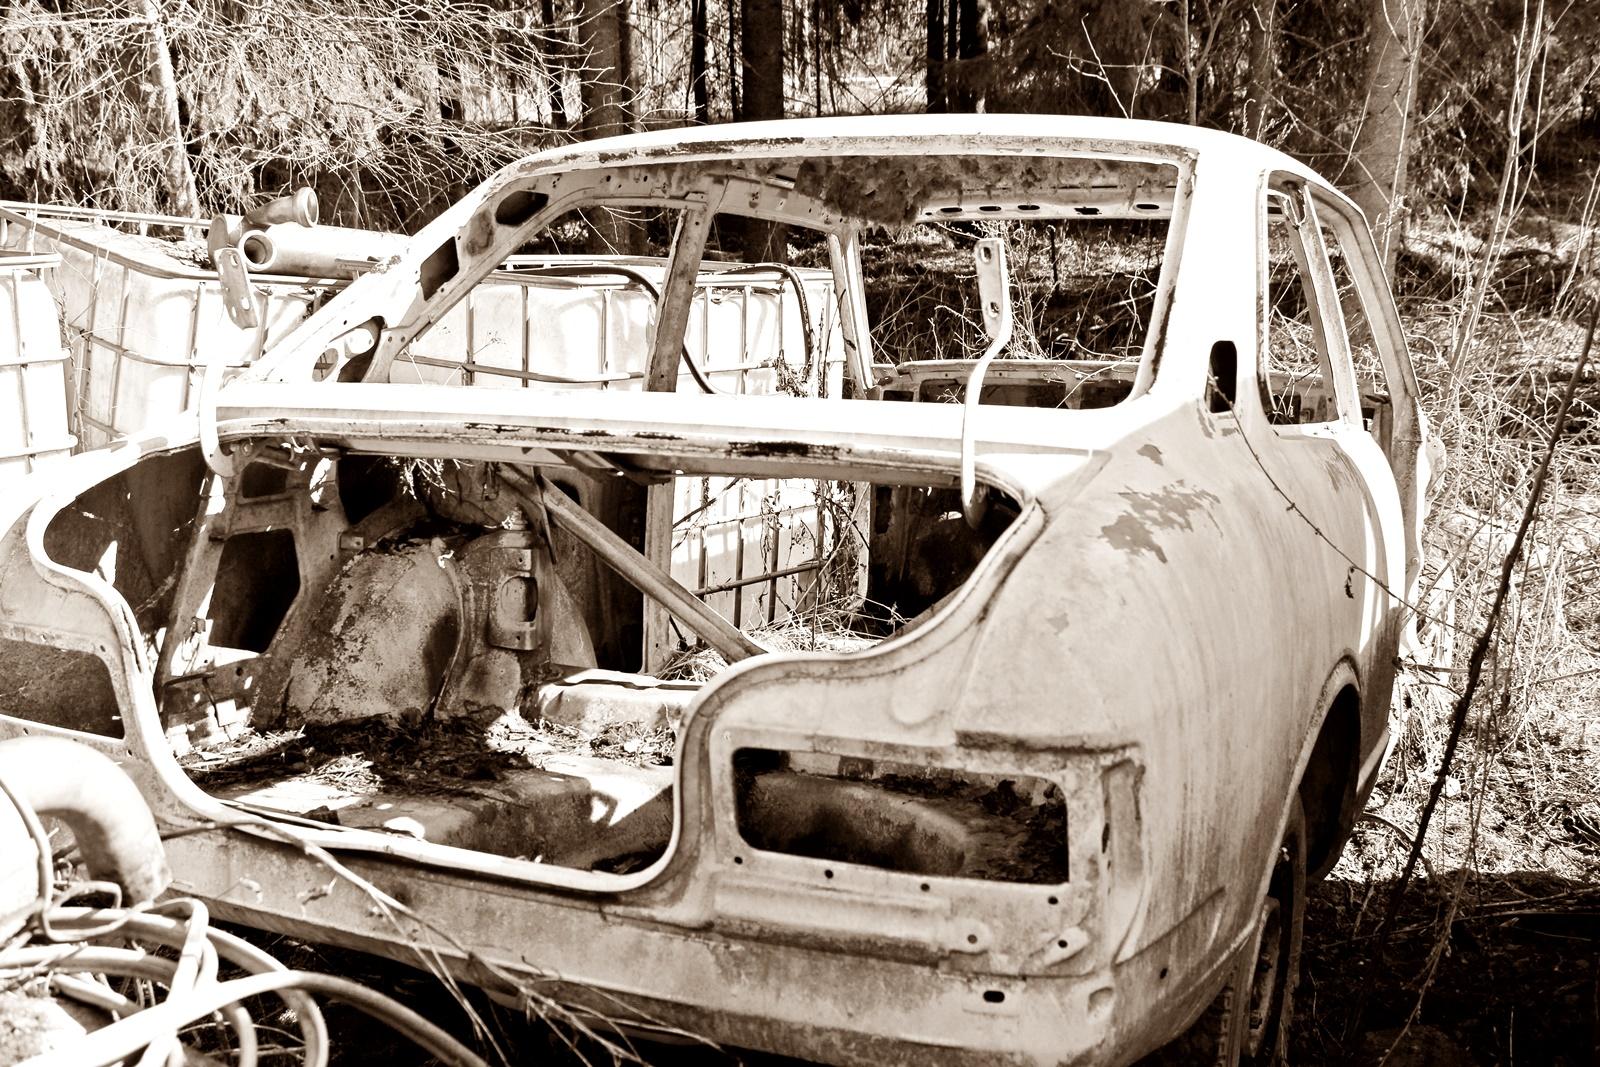 Seitsemän autoilun kuolemansyntiä - viha